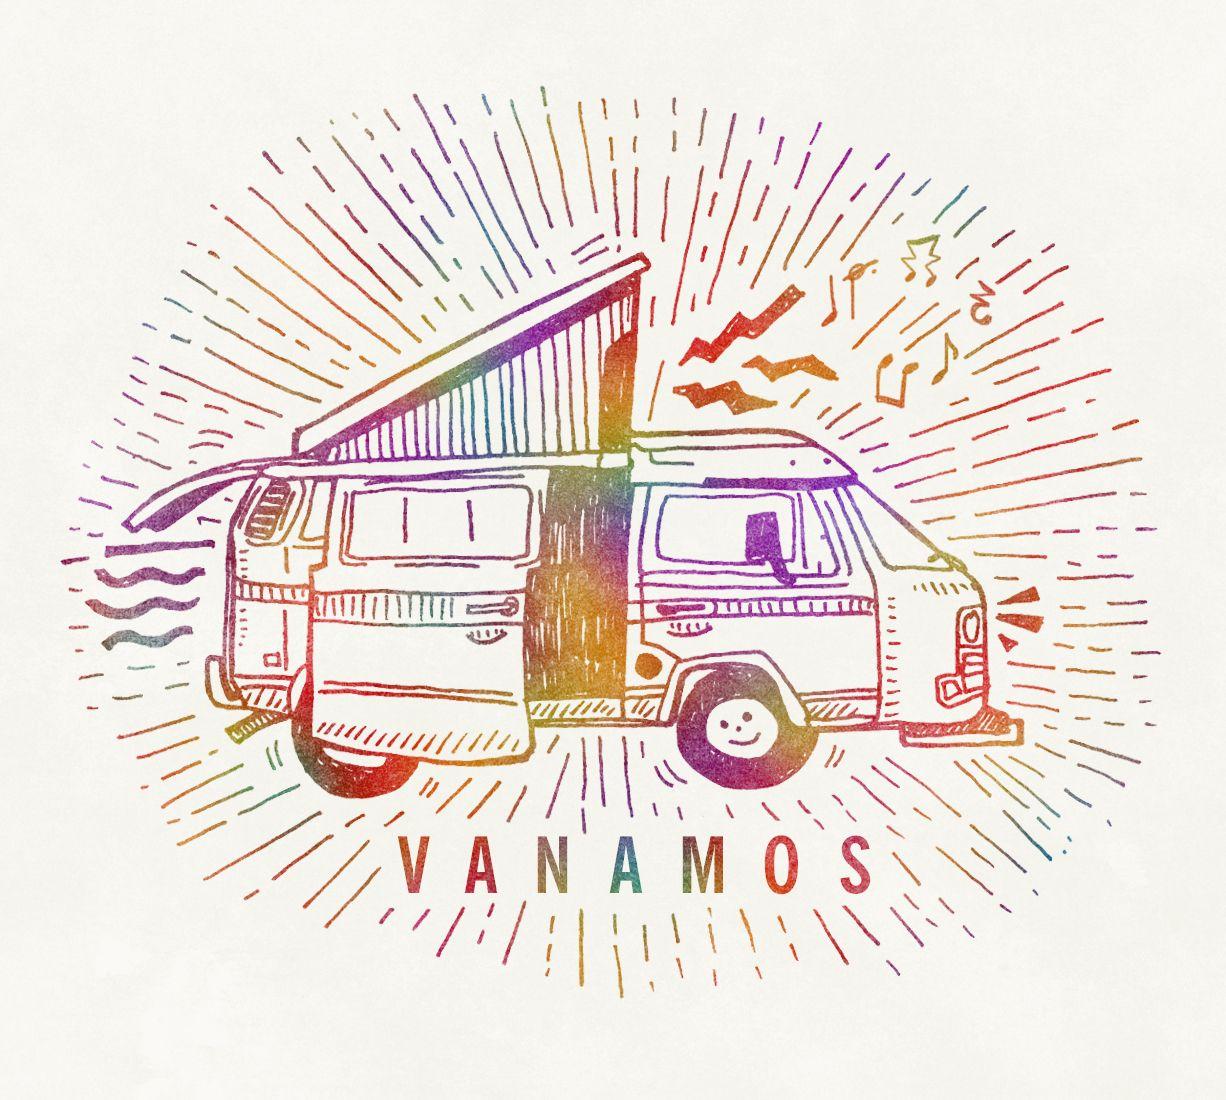 Wesley - The Van — Vanamos